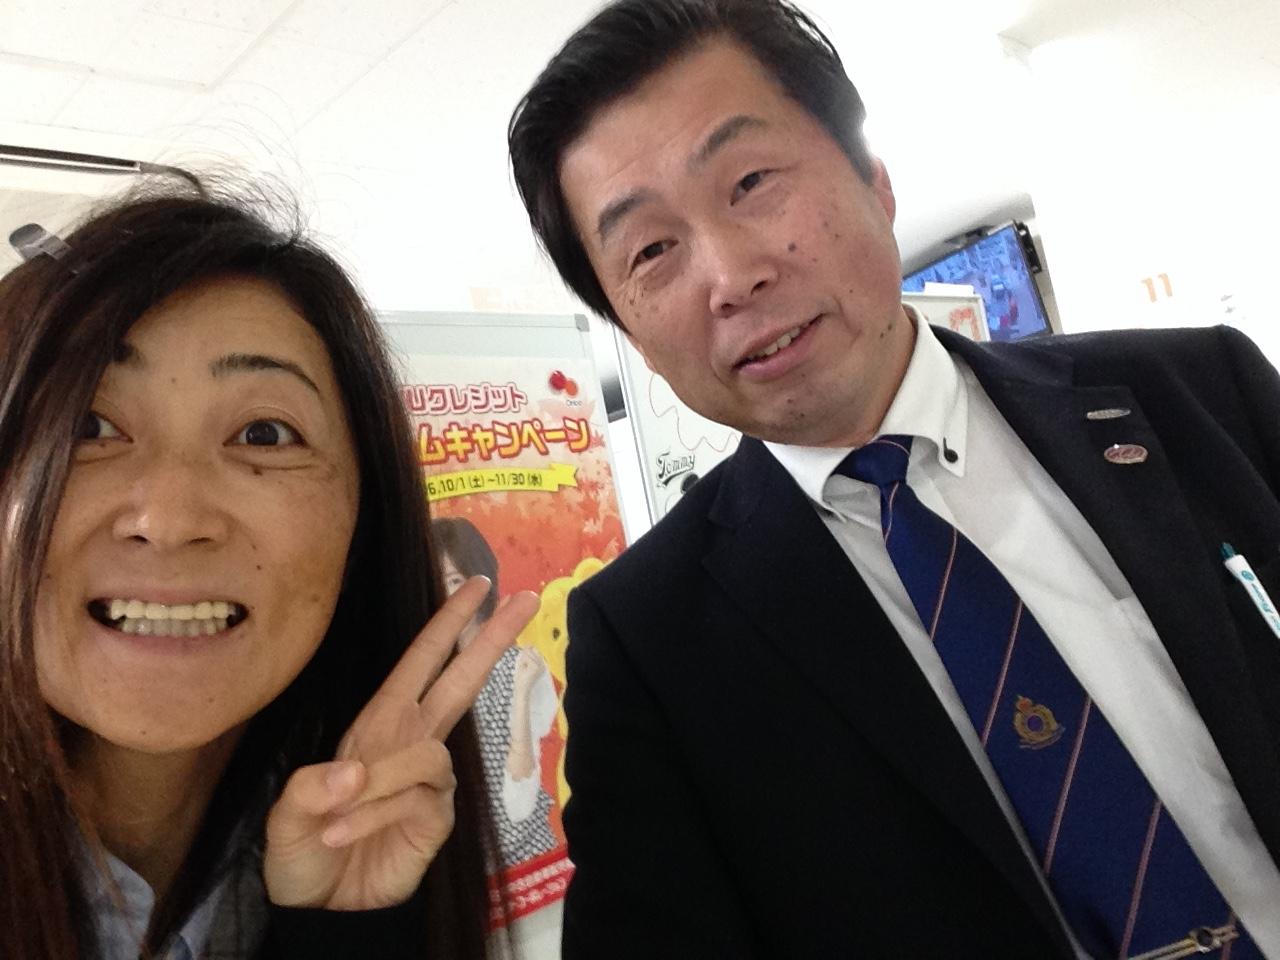 11月30日水曜日のひとログ(。・ω・。) 植東さん卒業!!!今までありがとうございました!_b0127002_18523749.jpg